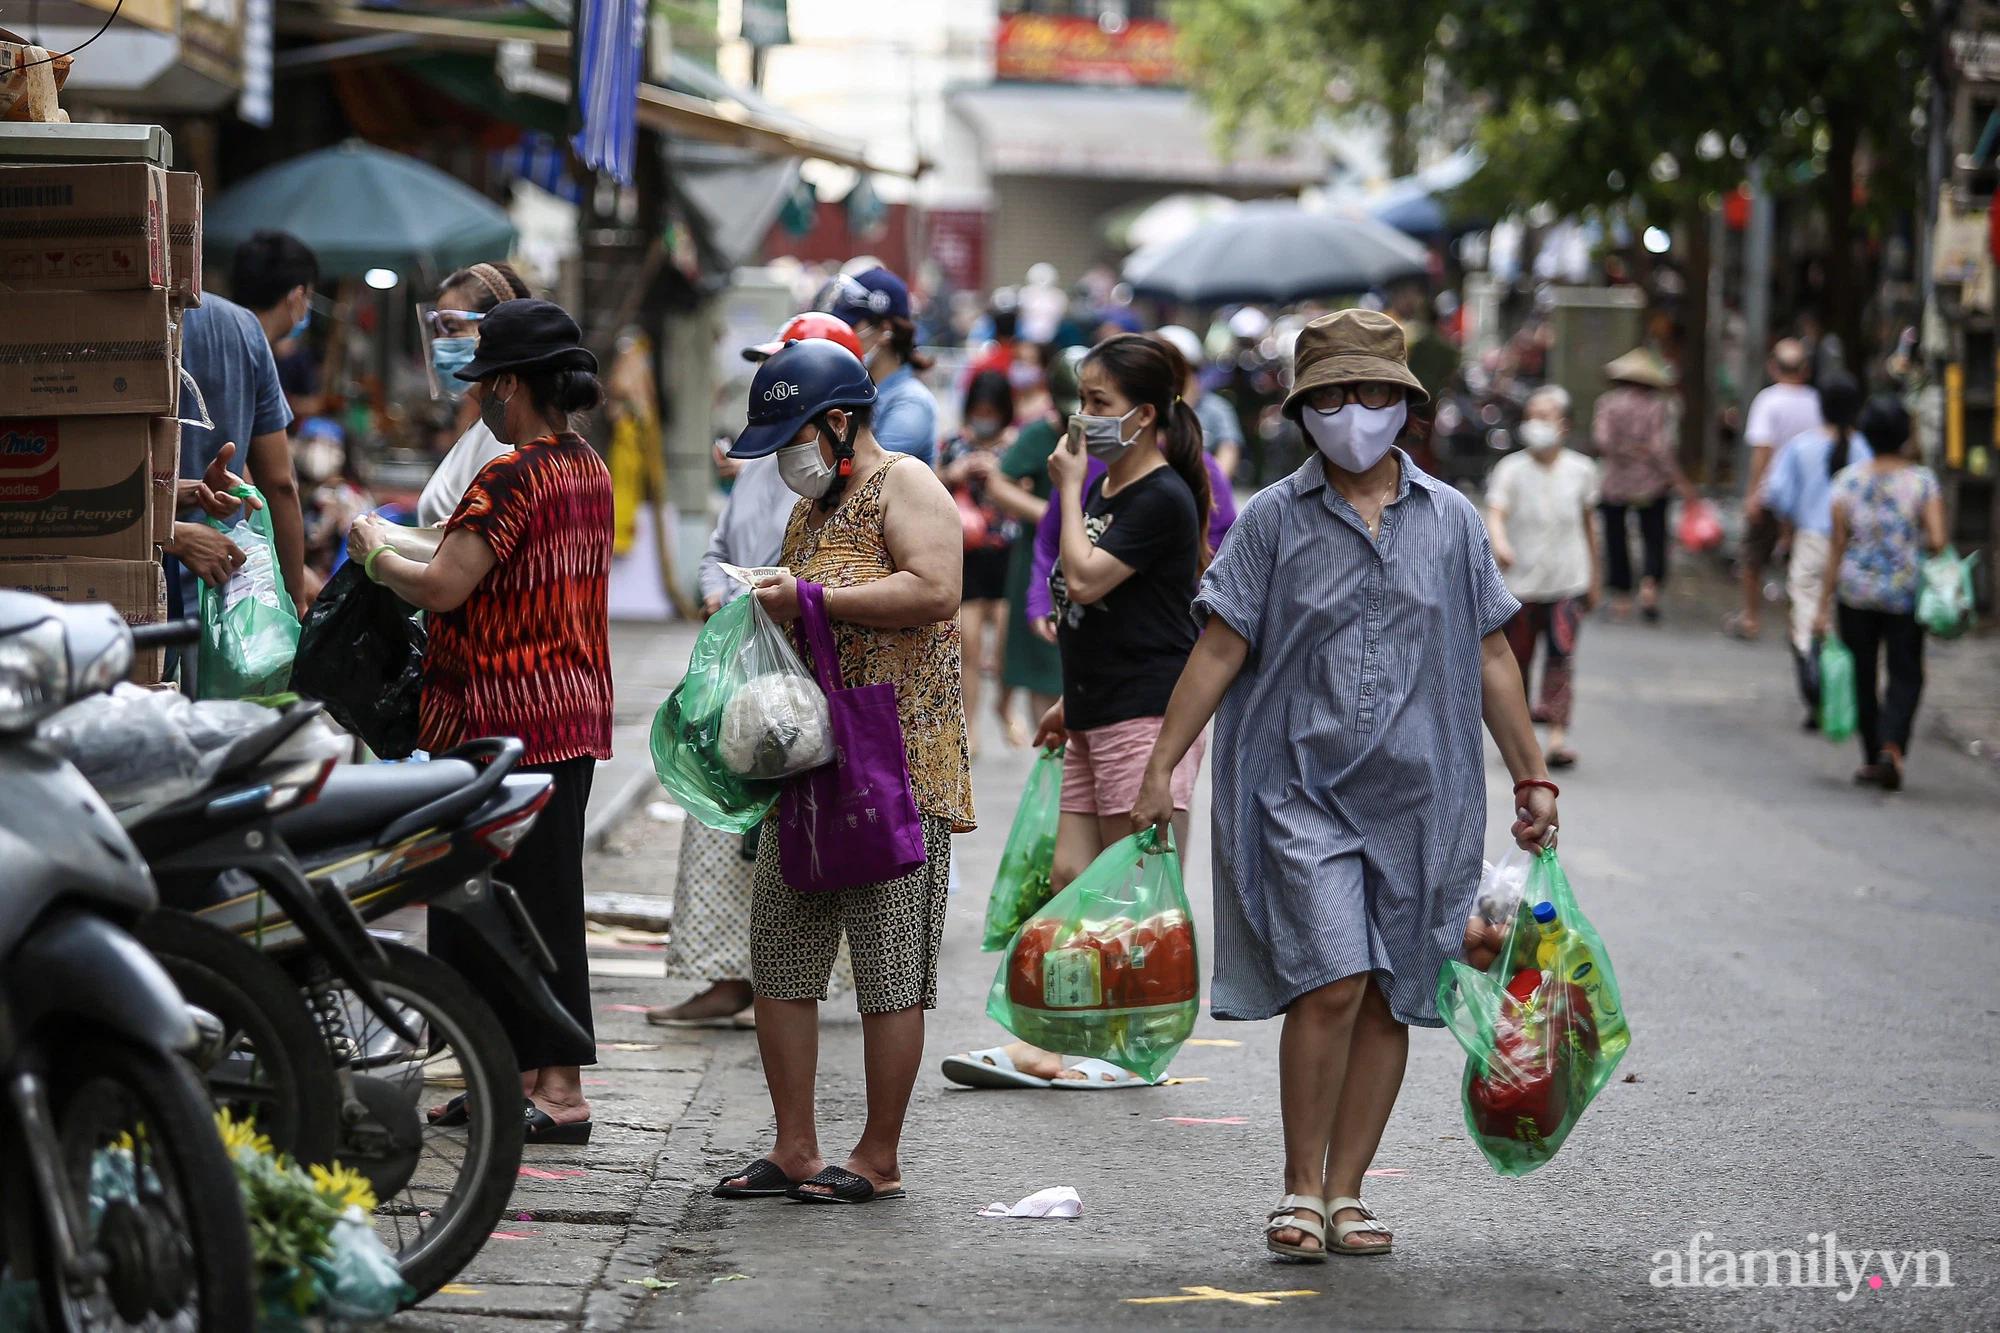 Ngày đầu giãn cách theo Chỉ thị 16, khu chợ ở Hà Nội kẻ vạch cách nhau 2 m, người mua kẻ bán tuy xa mặt nhưng không cách lòng - Ảnh 4.